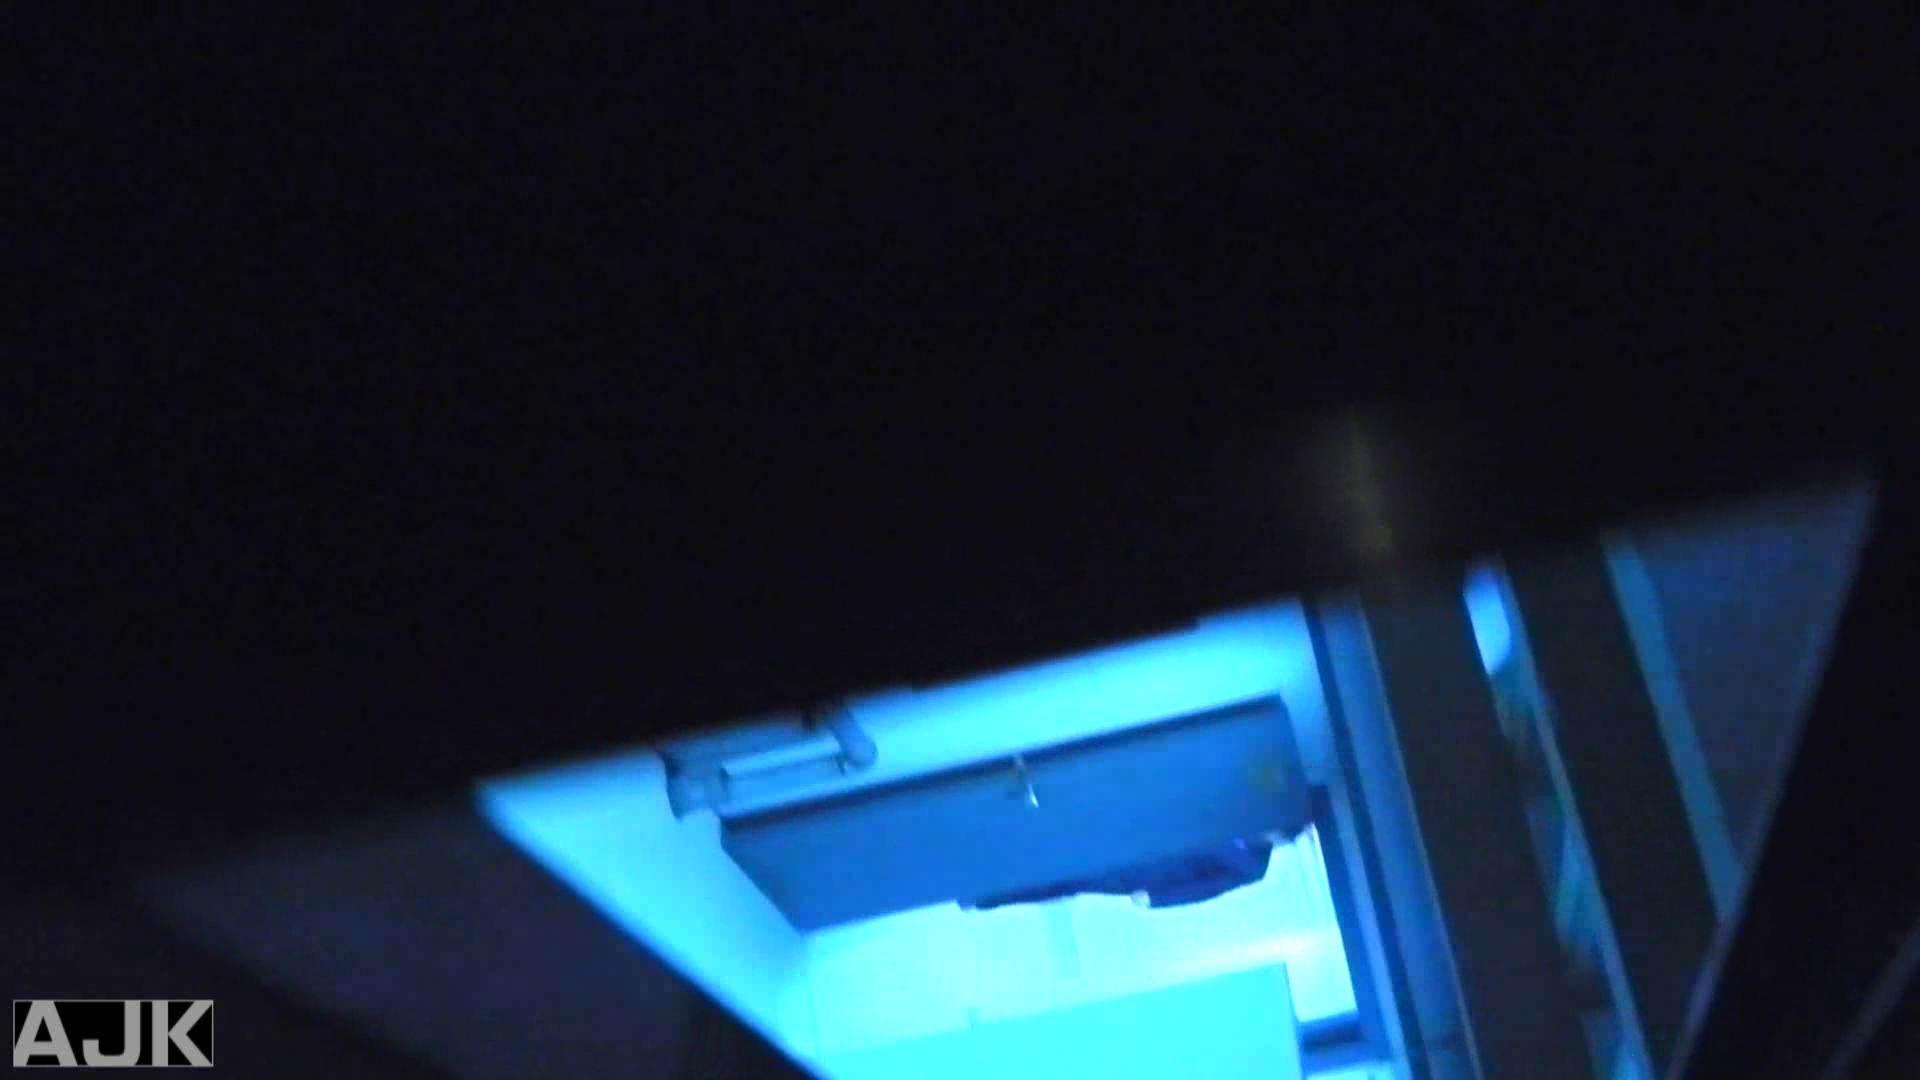 神降臨!史上最強の潜入かわや! vol.22 潜入突撃 隠し撮りオマンコ動画紹介 96pic 80